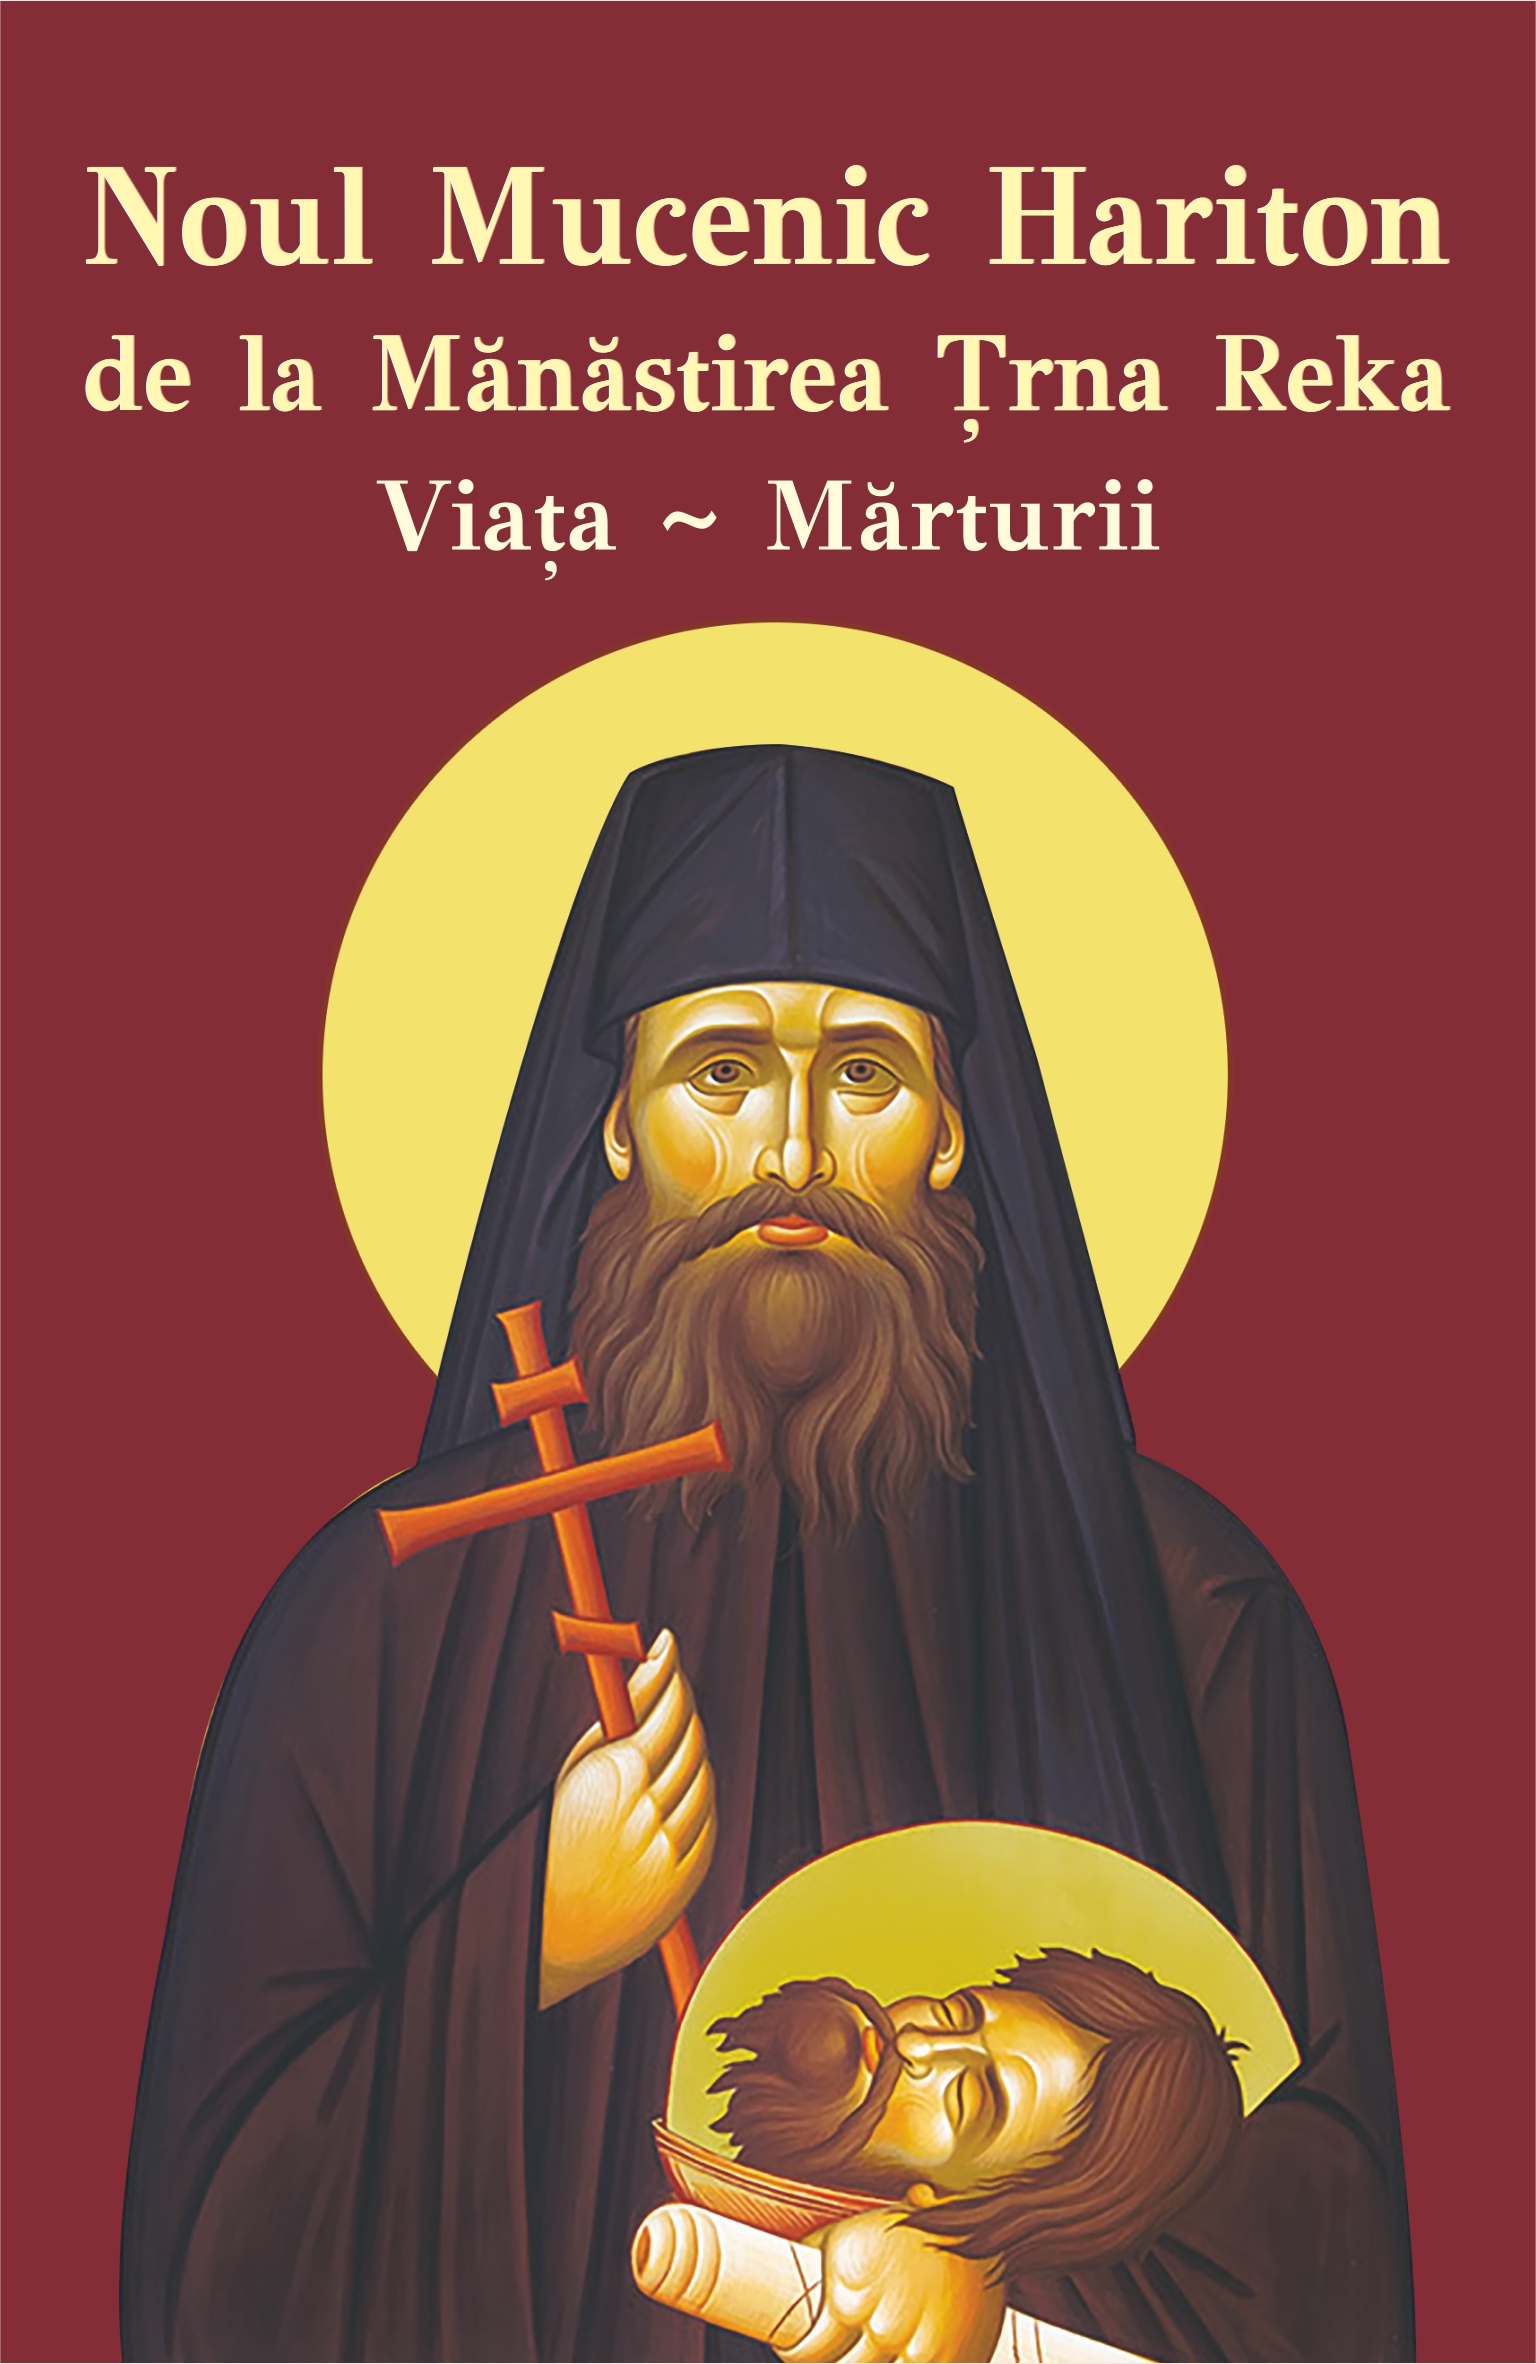 Noul Mucenic Hariton de la Mănăstirea Ţrna Reka. Viata si marturii